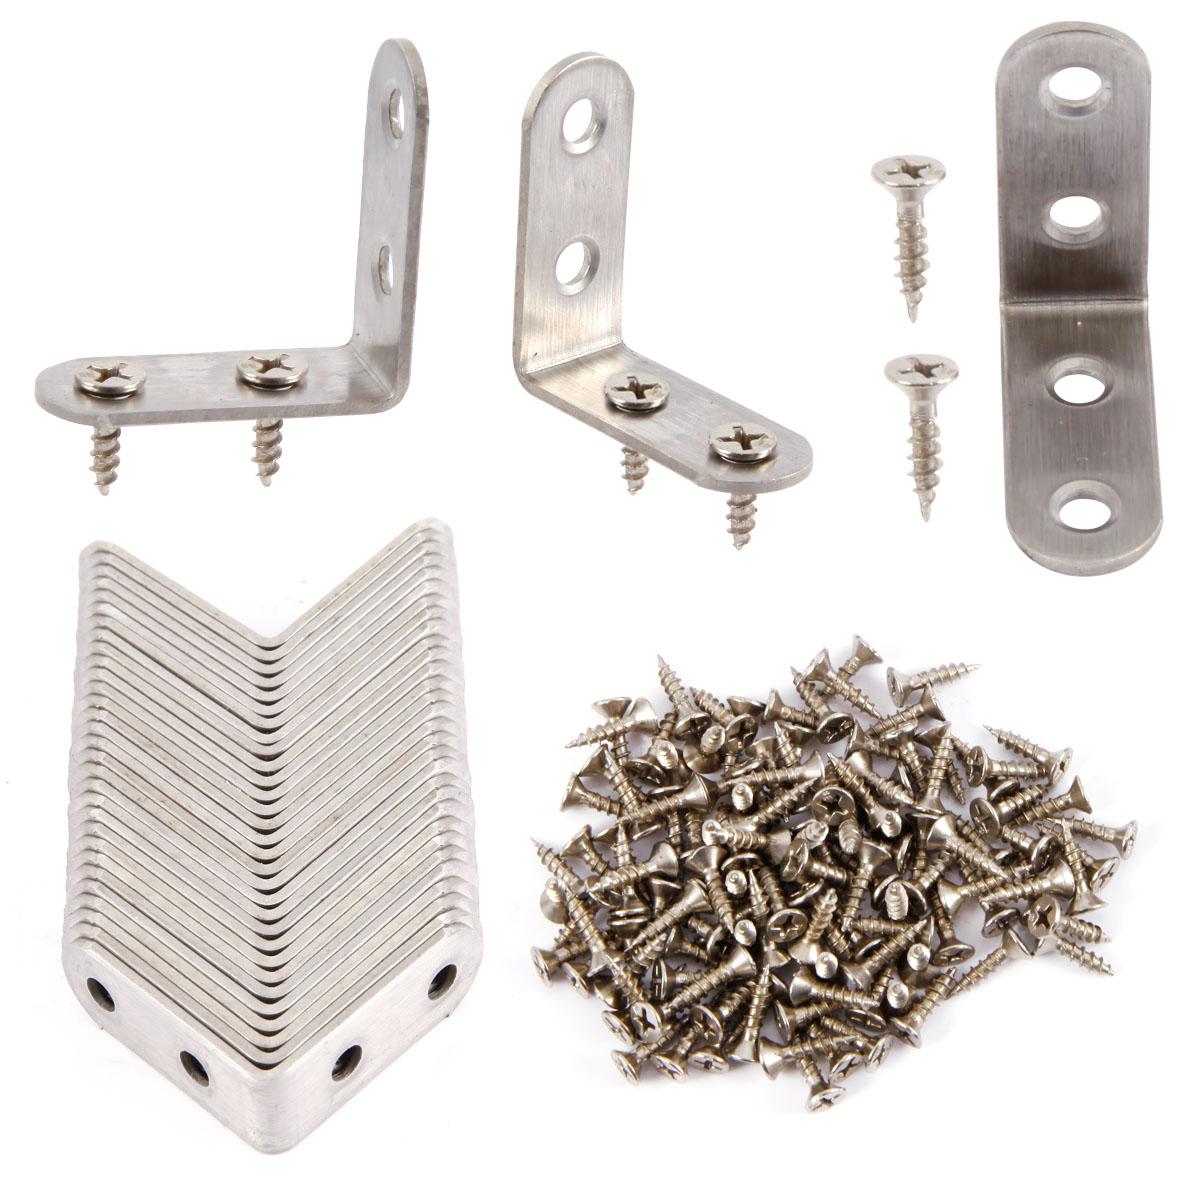 Edelstahl Eckverbinder Eckhalterung L Form Halter 20mmx20mmx16mm 10stk